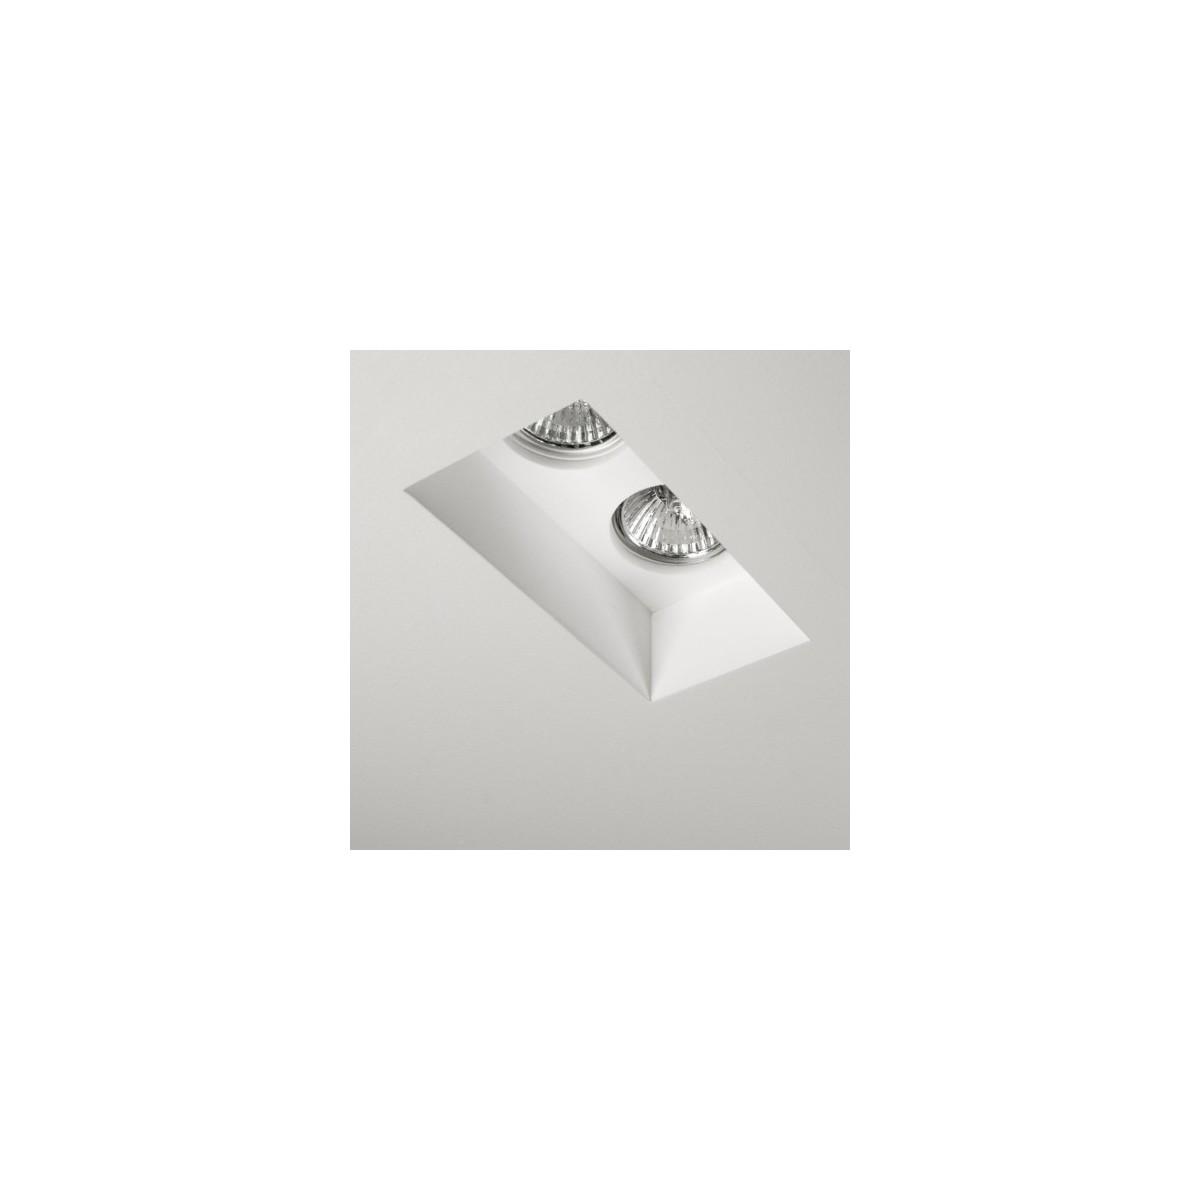 Astro Blanco Twin Fixed Wpuszczana 2x50W Max GU10 Gips 1253001